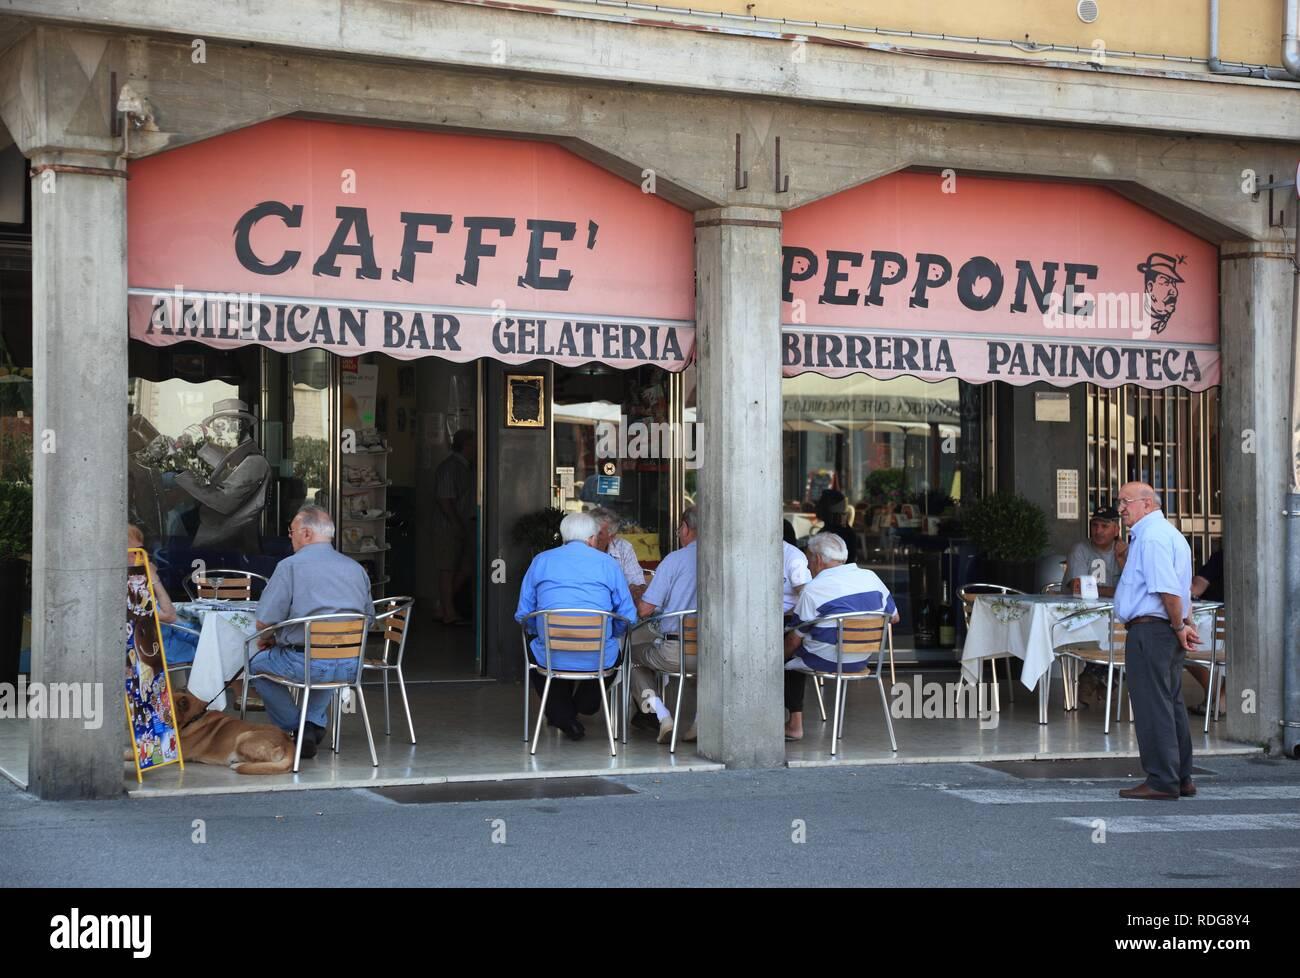 Caffe Peppone in the film city Brescello, Emilia Romagna, Italy, Europe - Stock Image